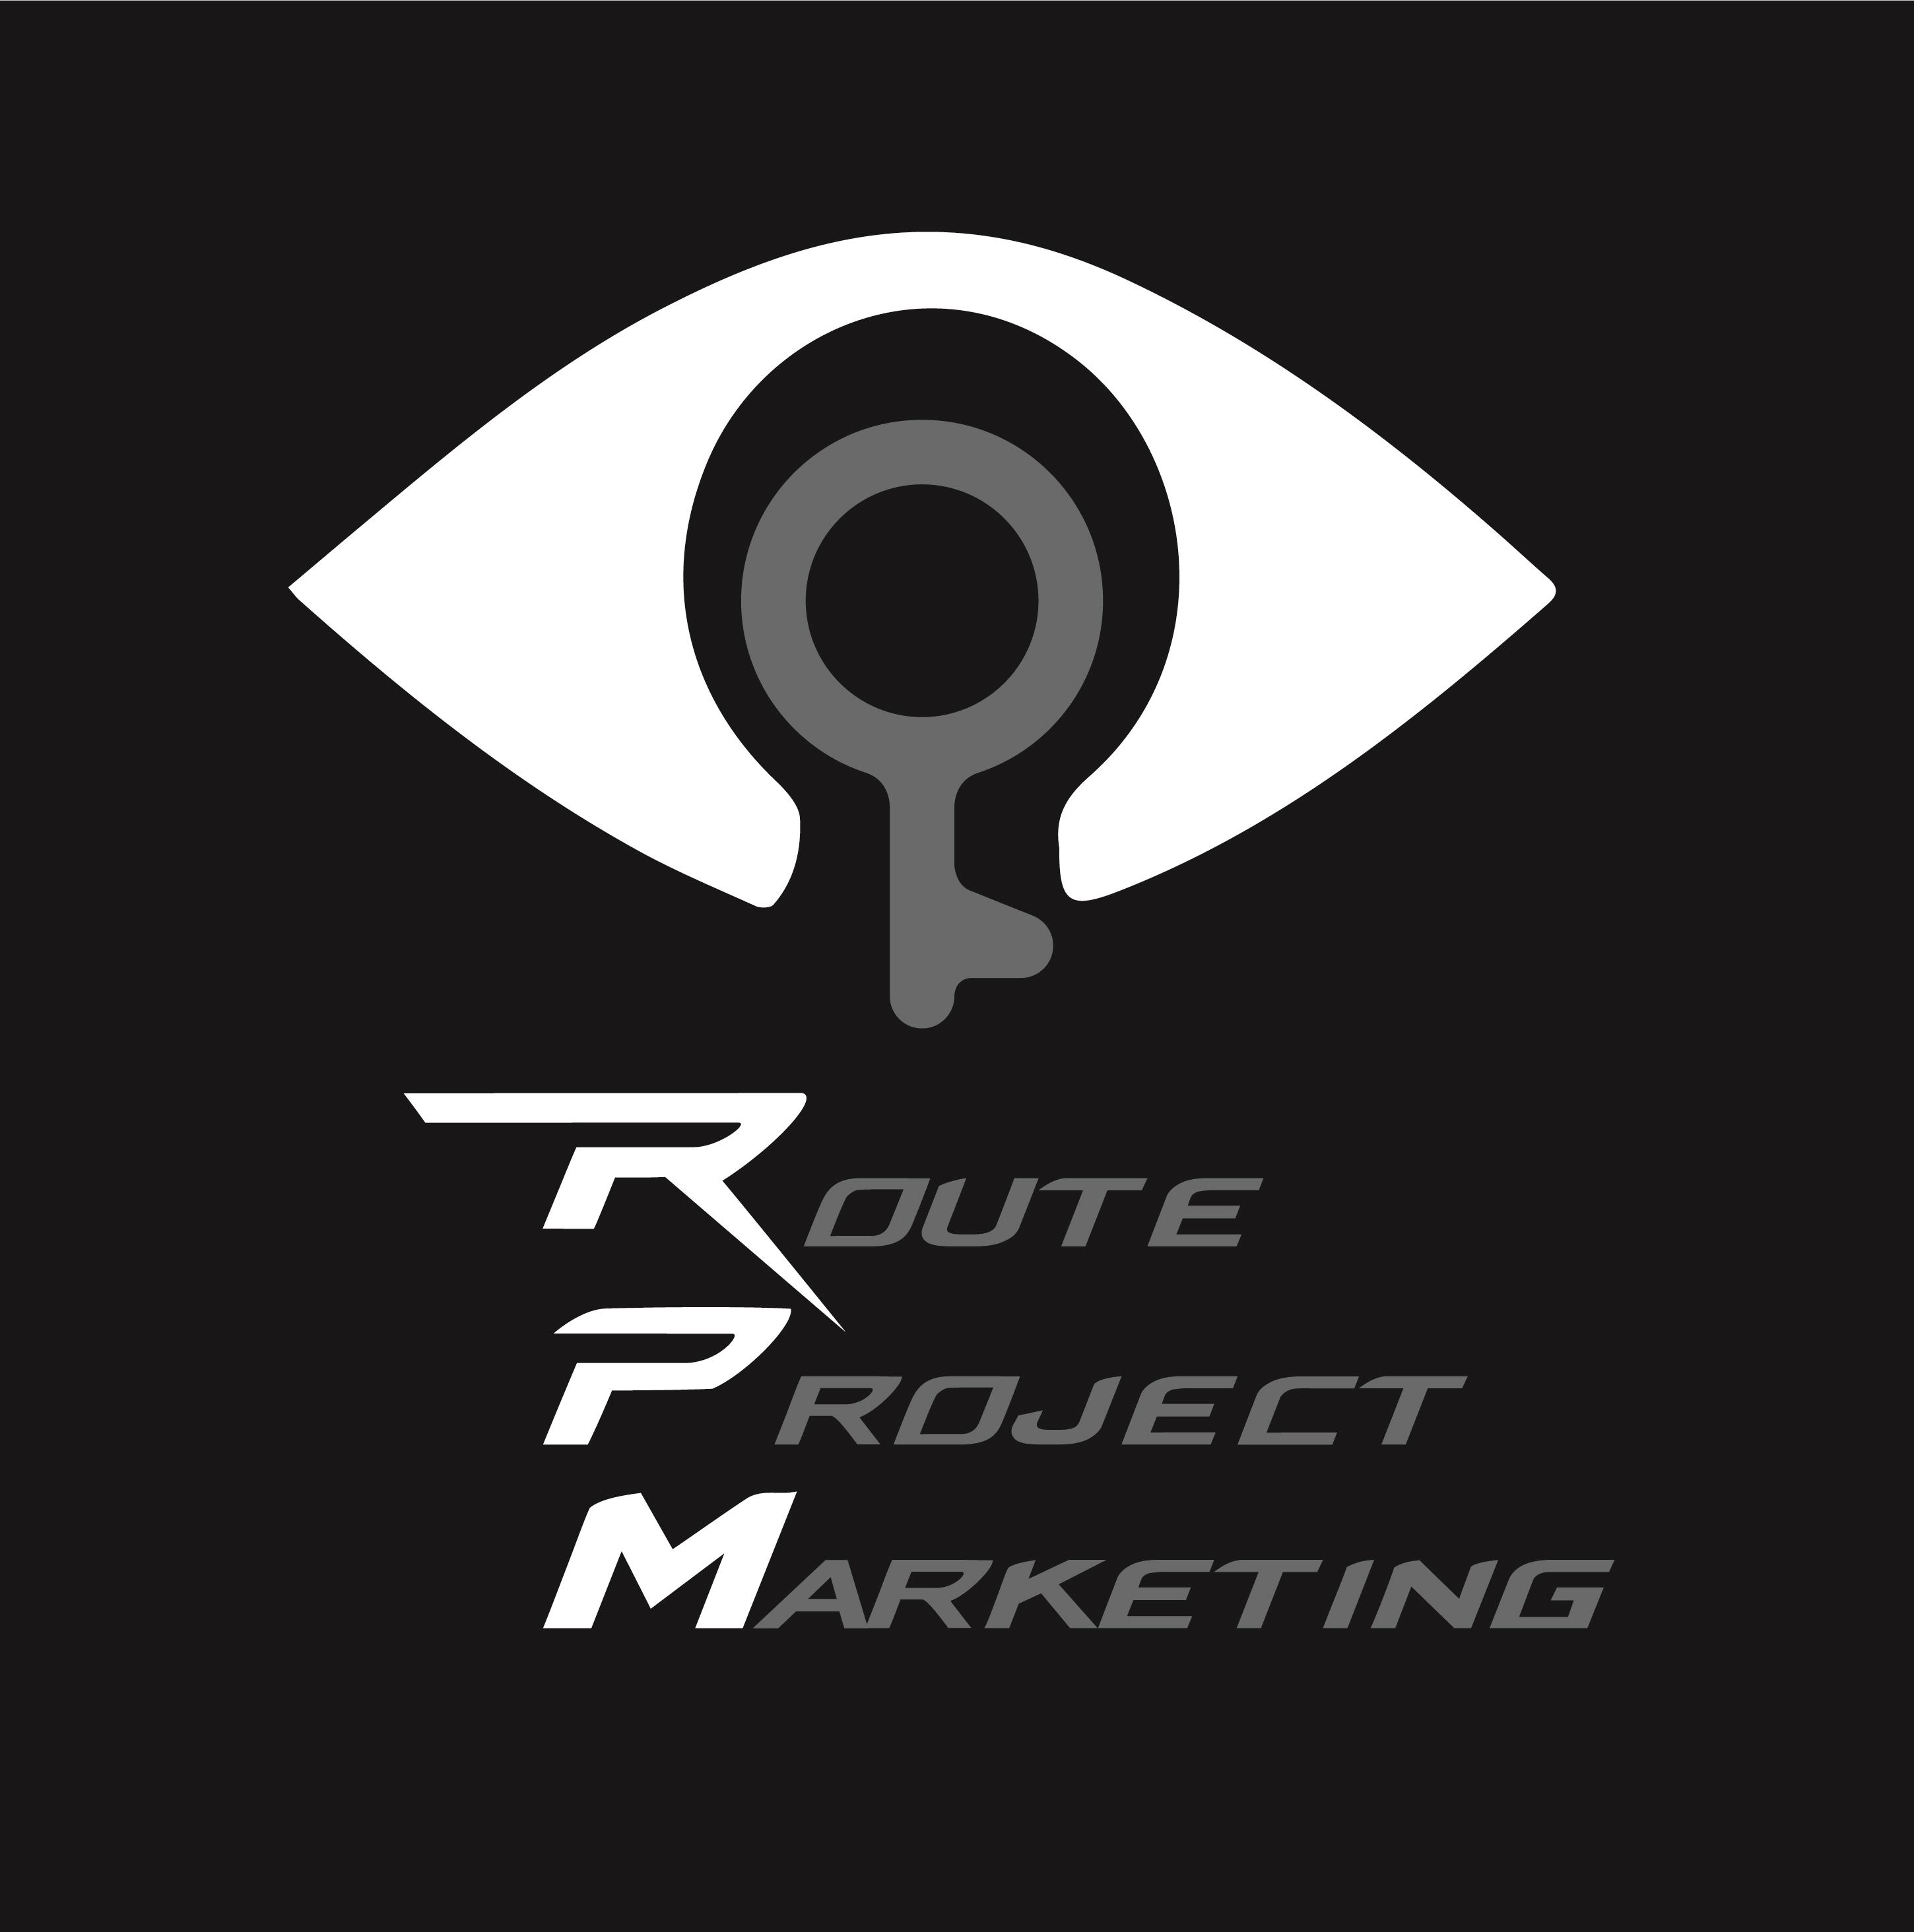 (주)루트프로젝트마케팅의 기업로고